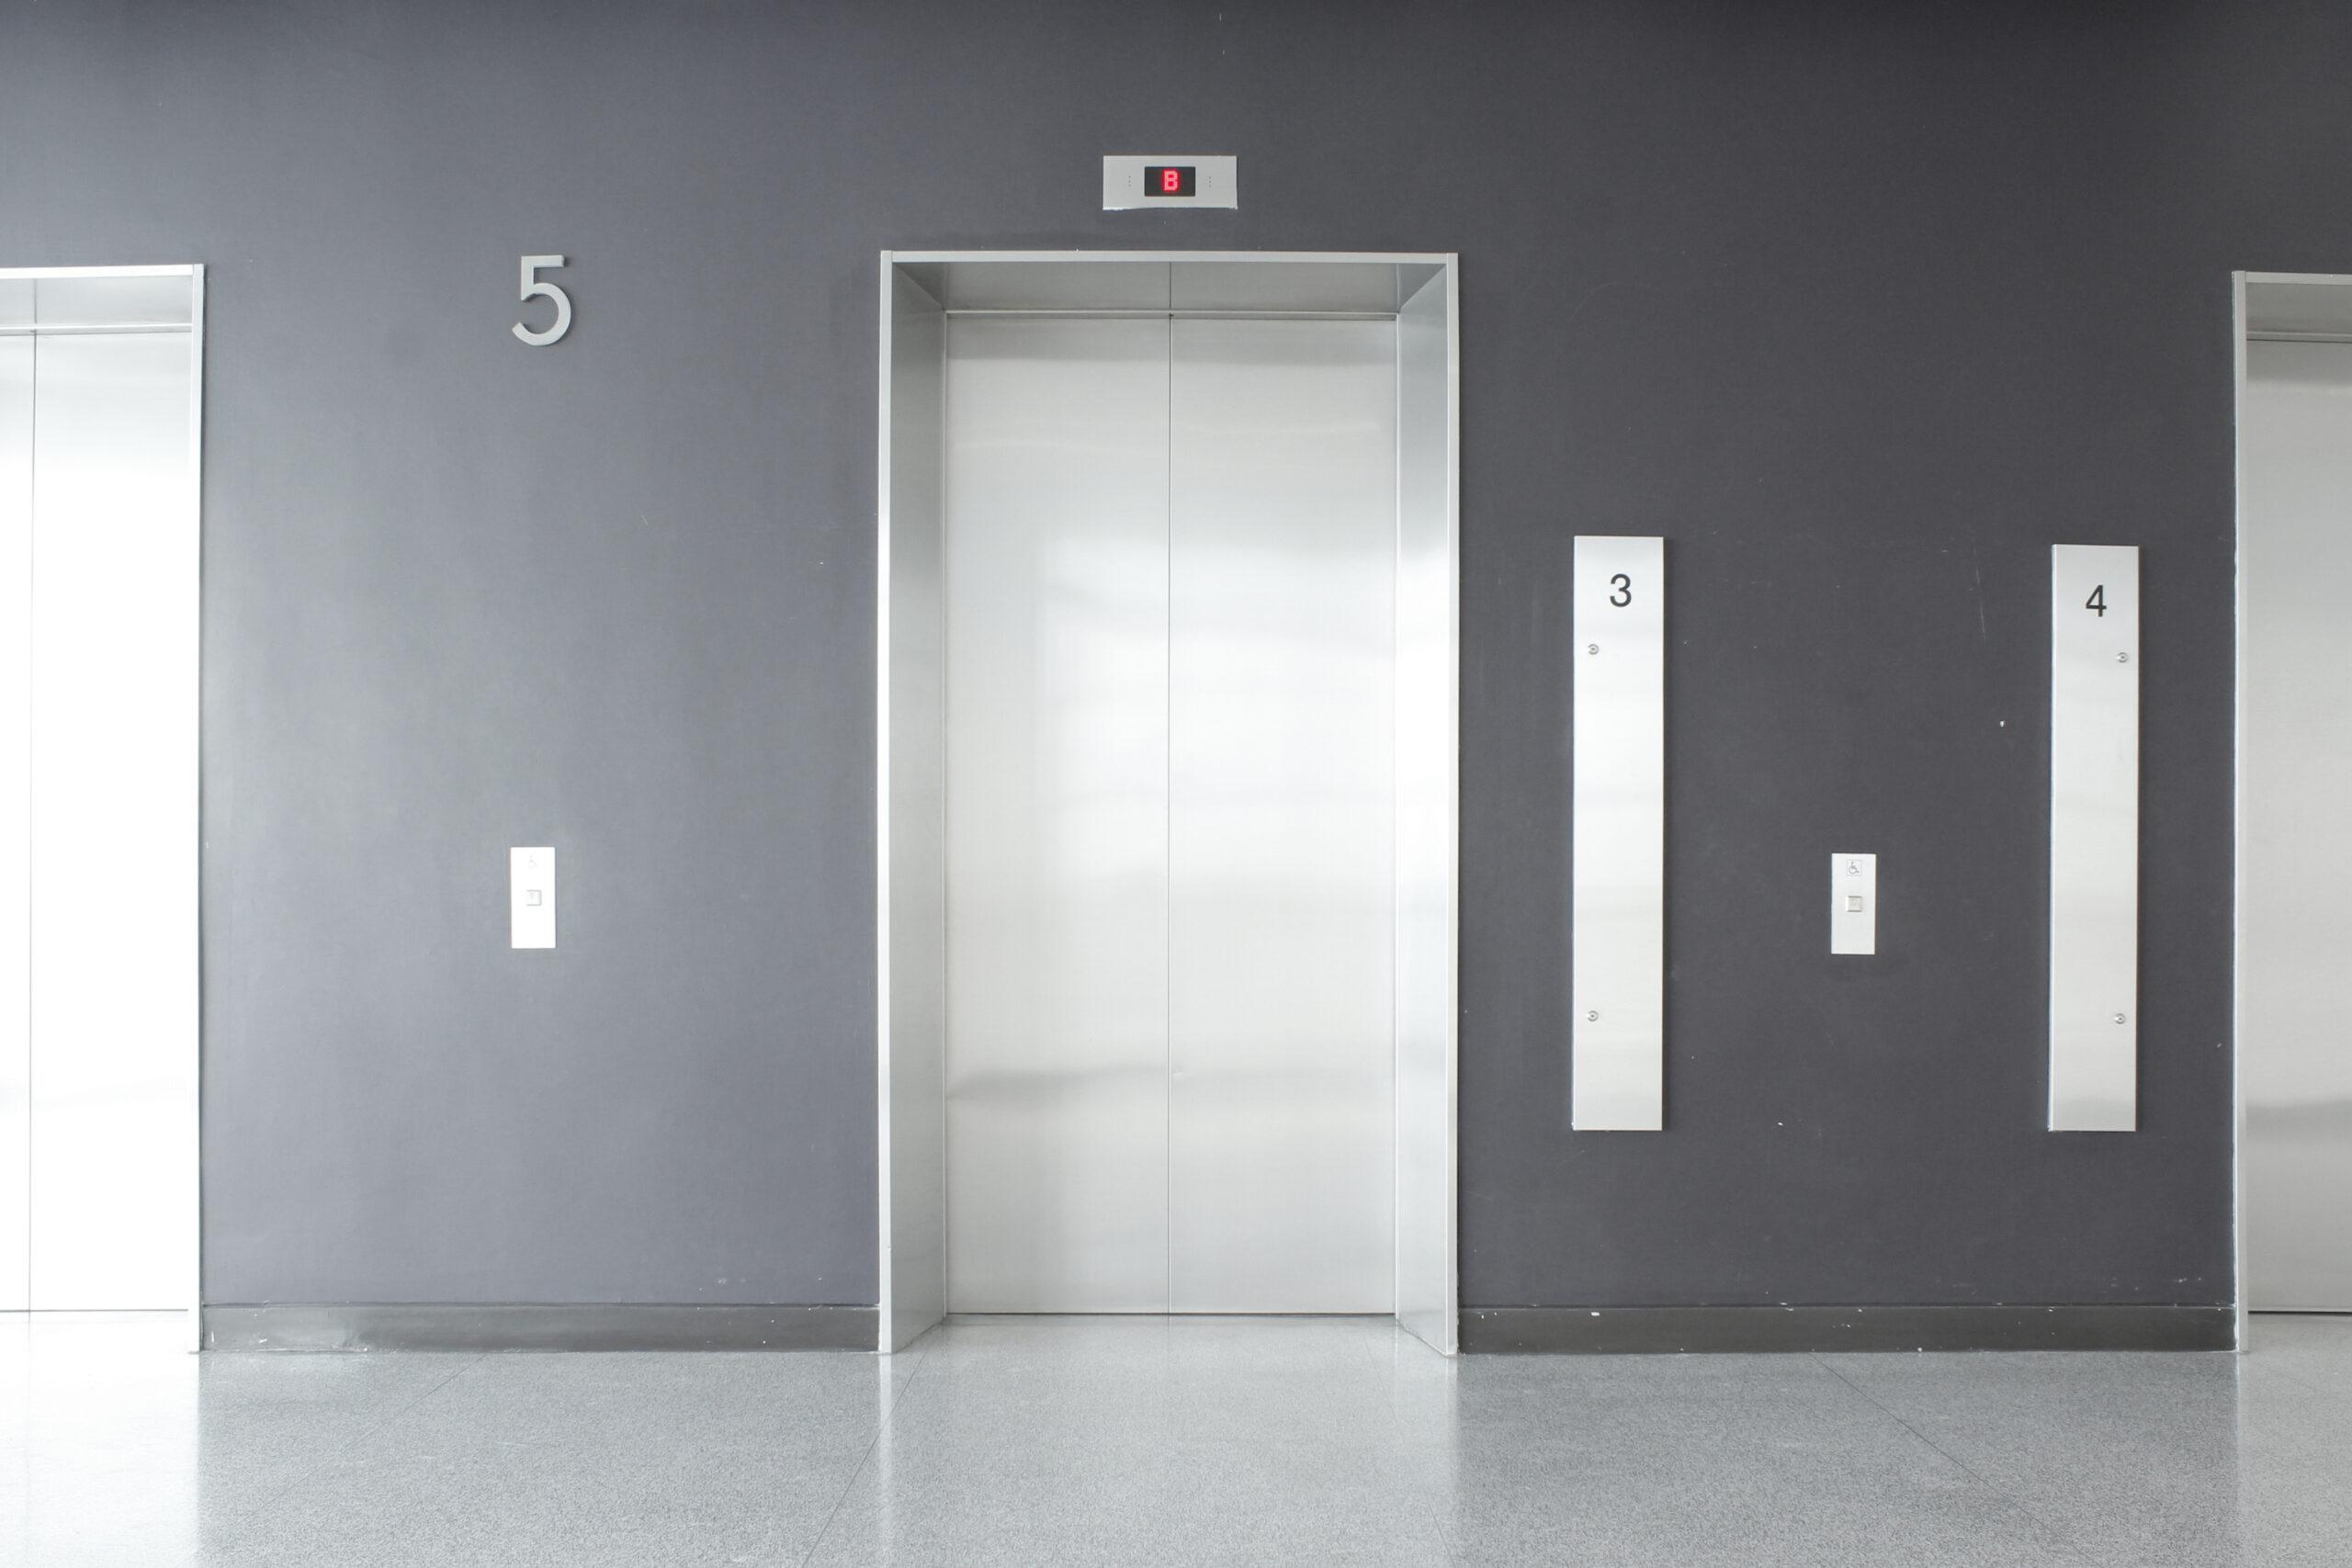 エレベーターは開けてあげる